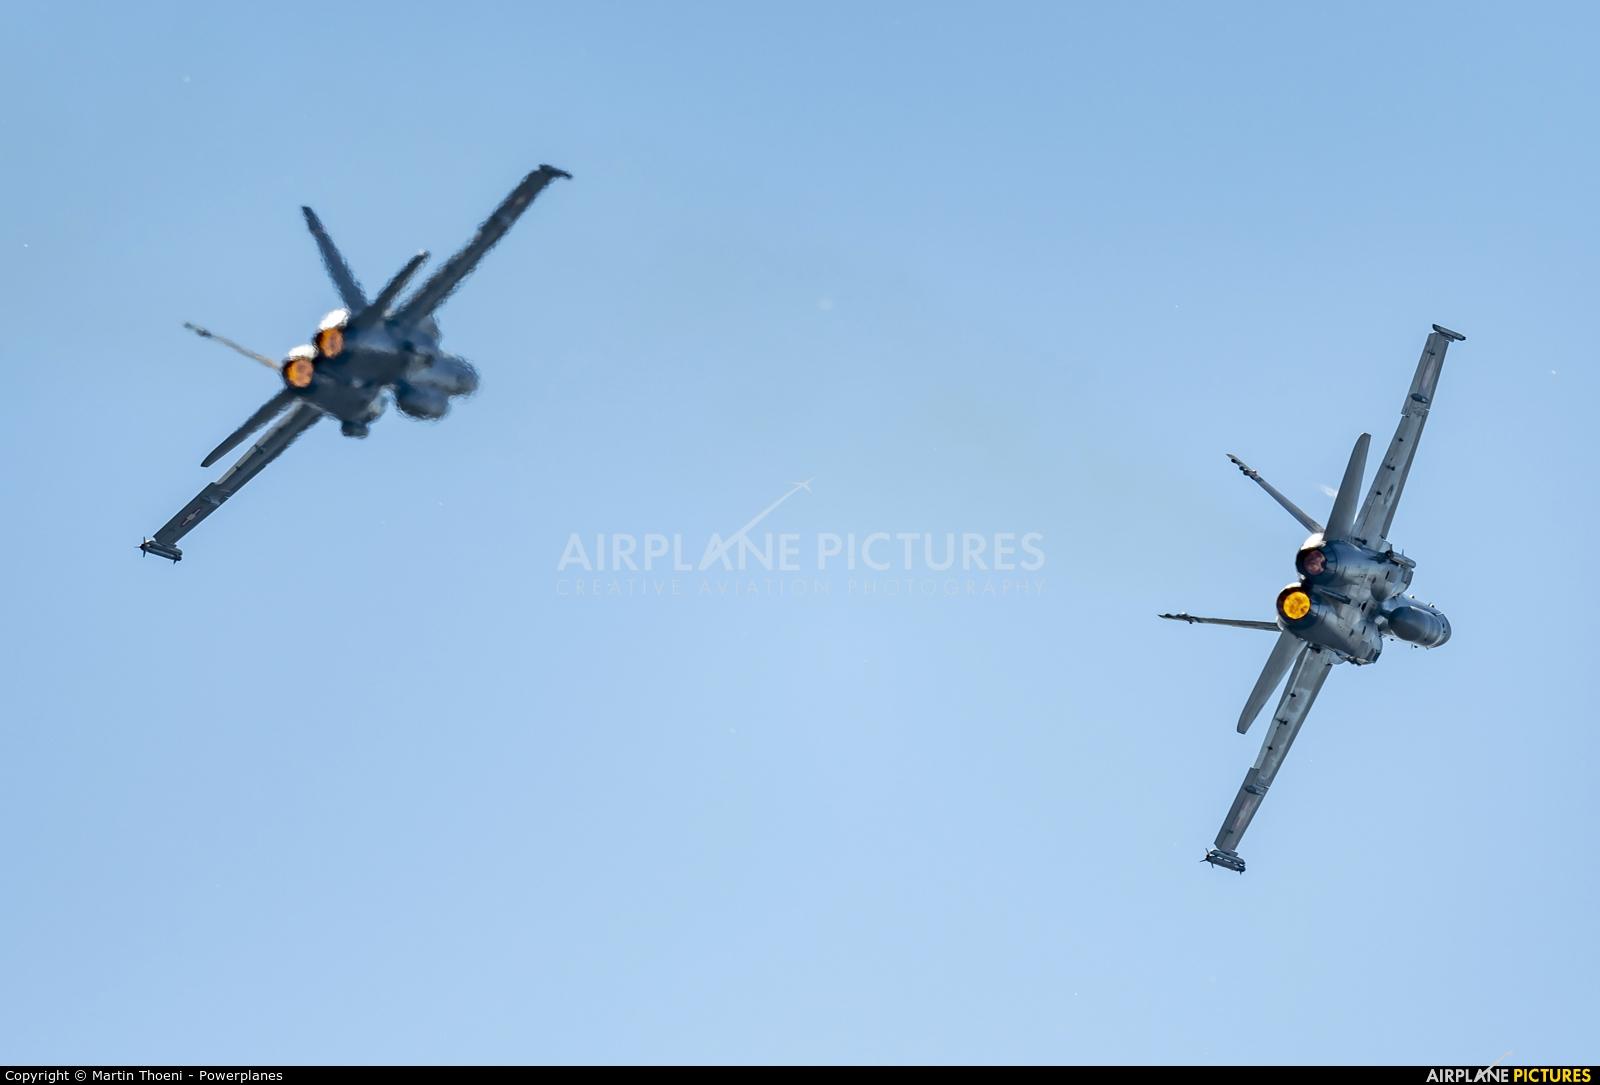 Switzerland - Air Force J-5012 aircraft at Axalp - Ebenfluh Range